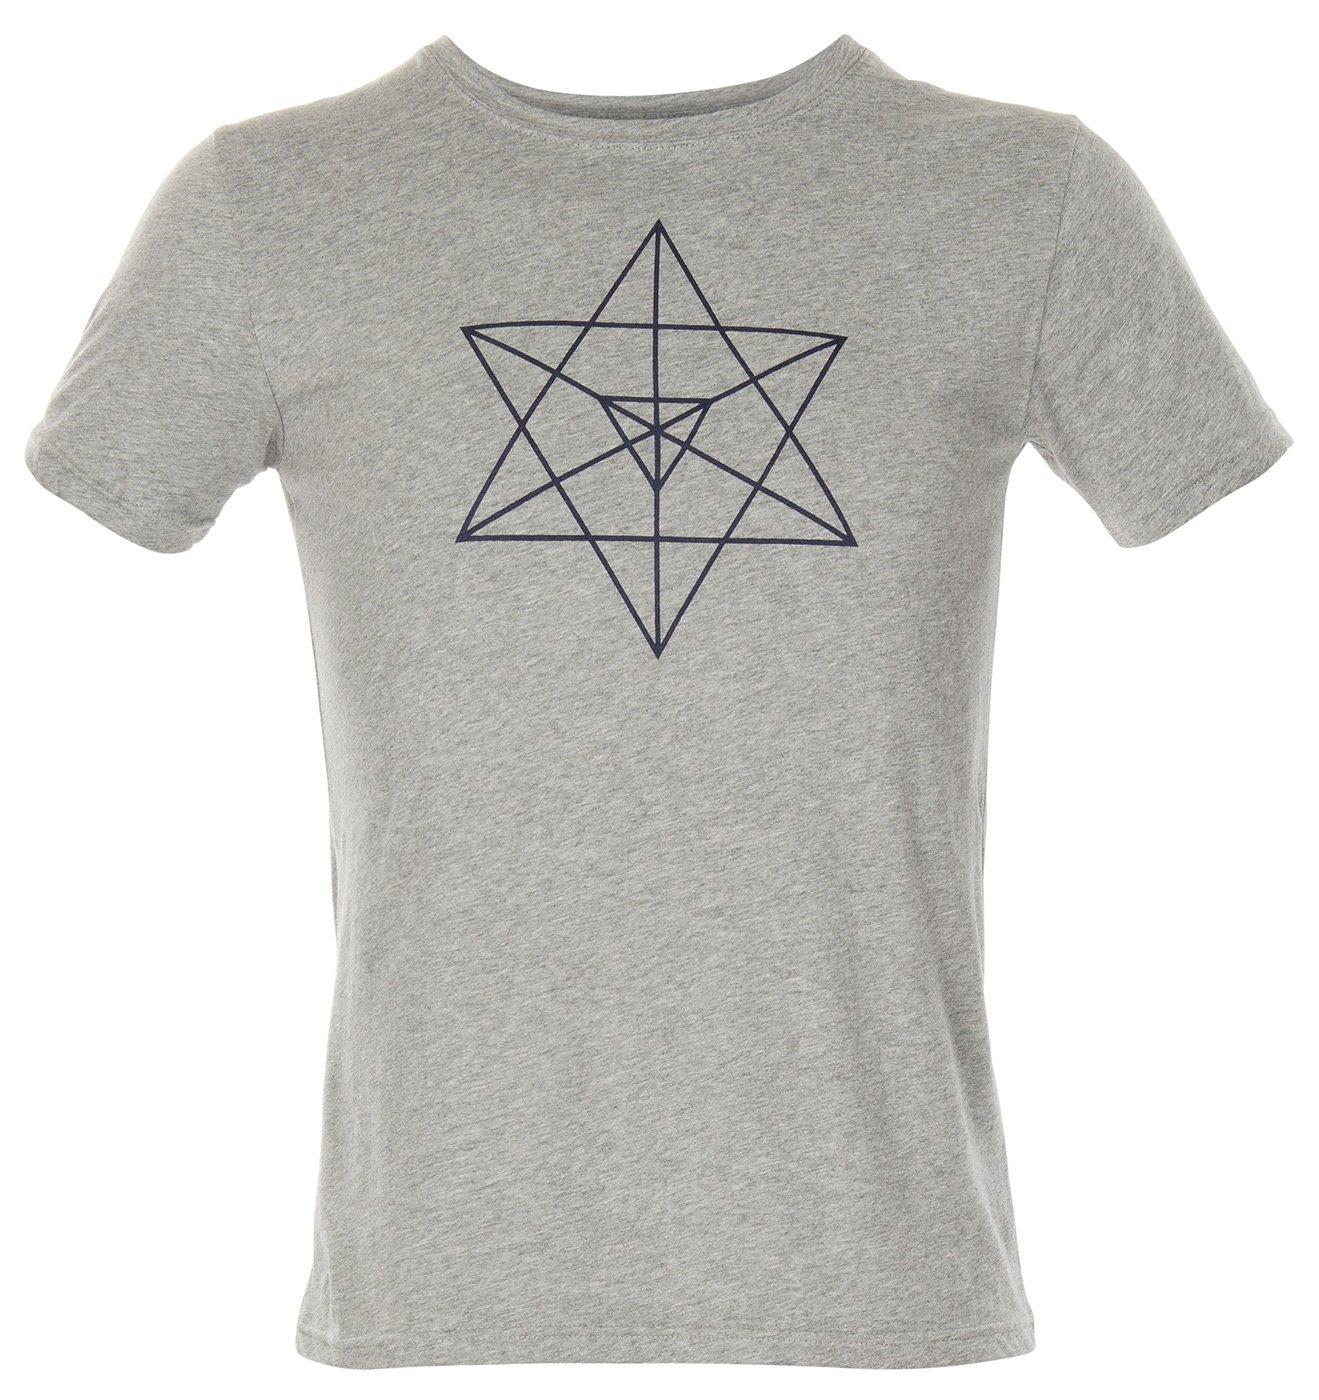 Jaya T-Shirt orin - Grau Melange S